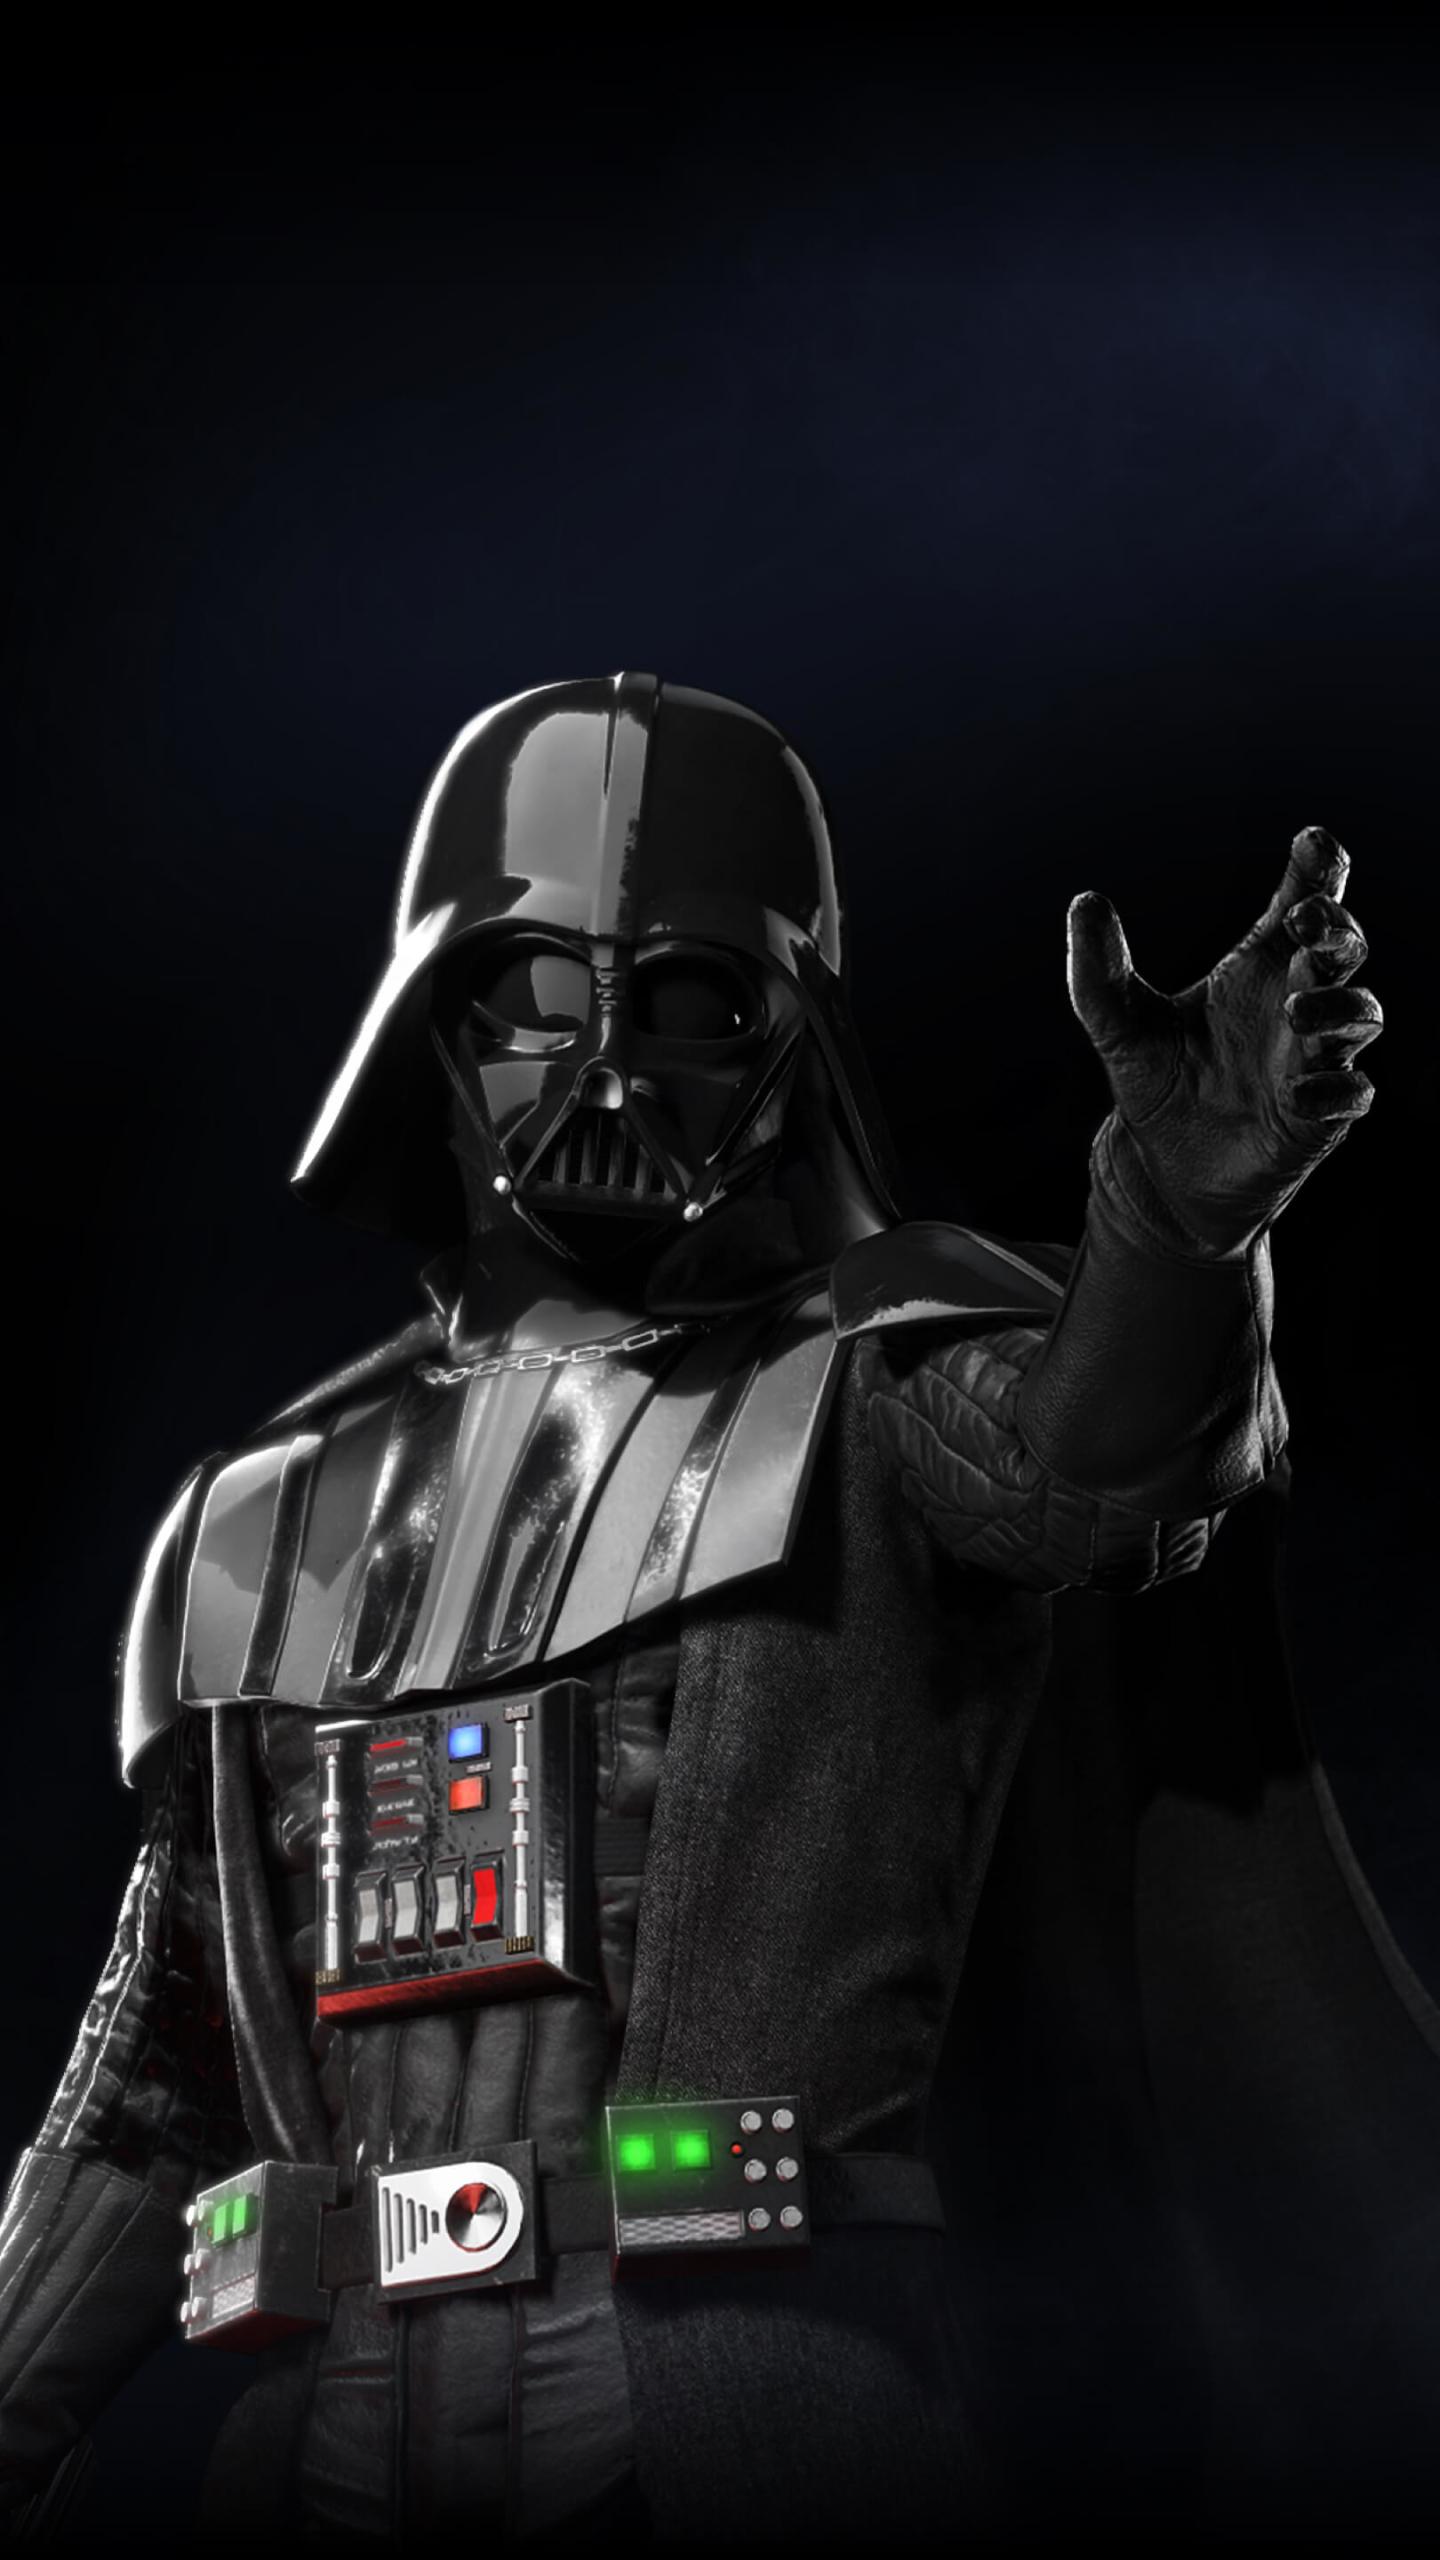 41 Star Wars Battlefront AppleiPhone 7 Plus 1080x1920 1440x2560